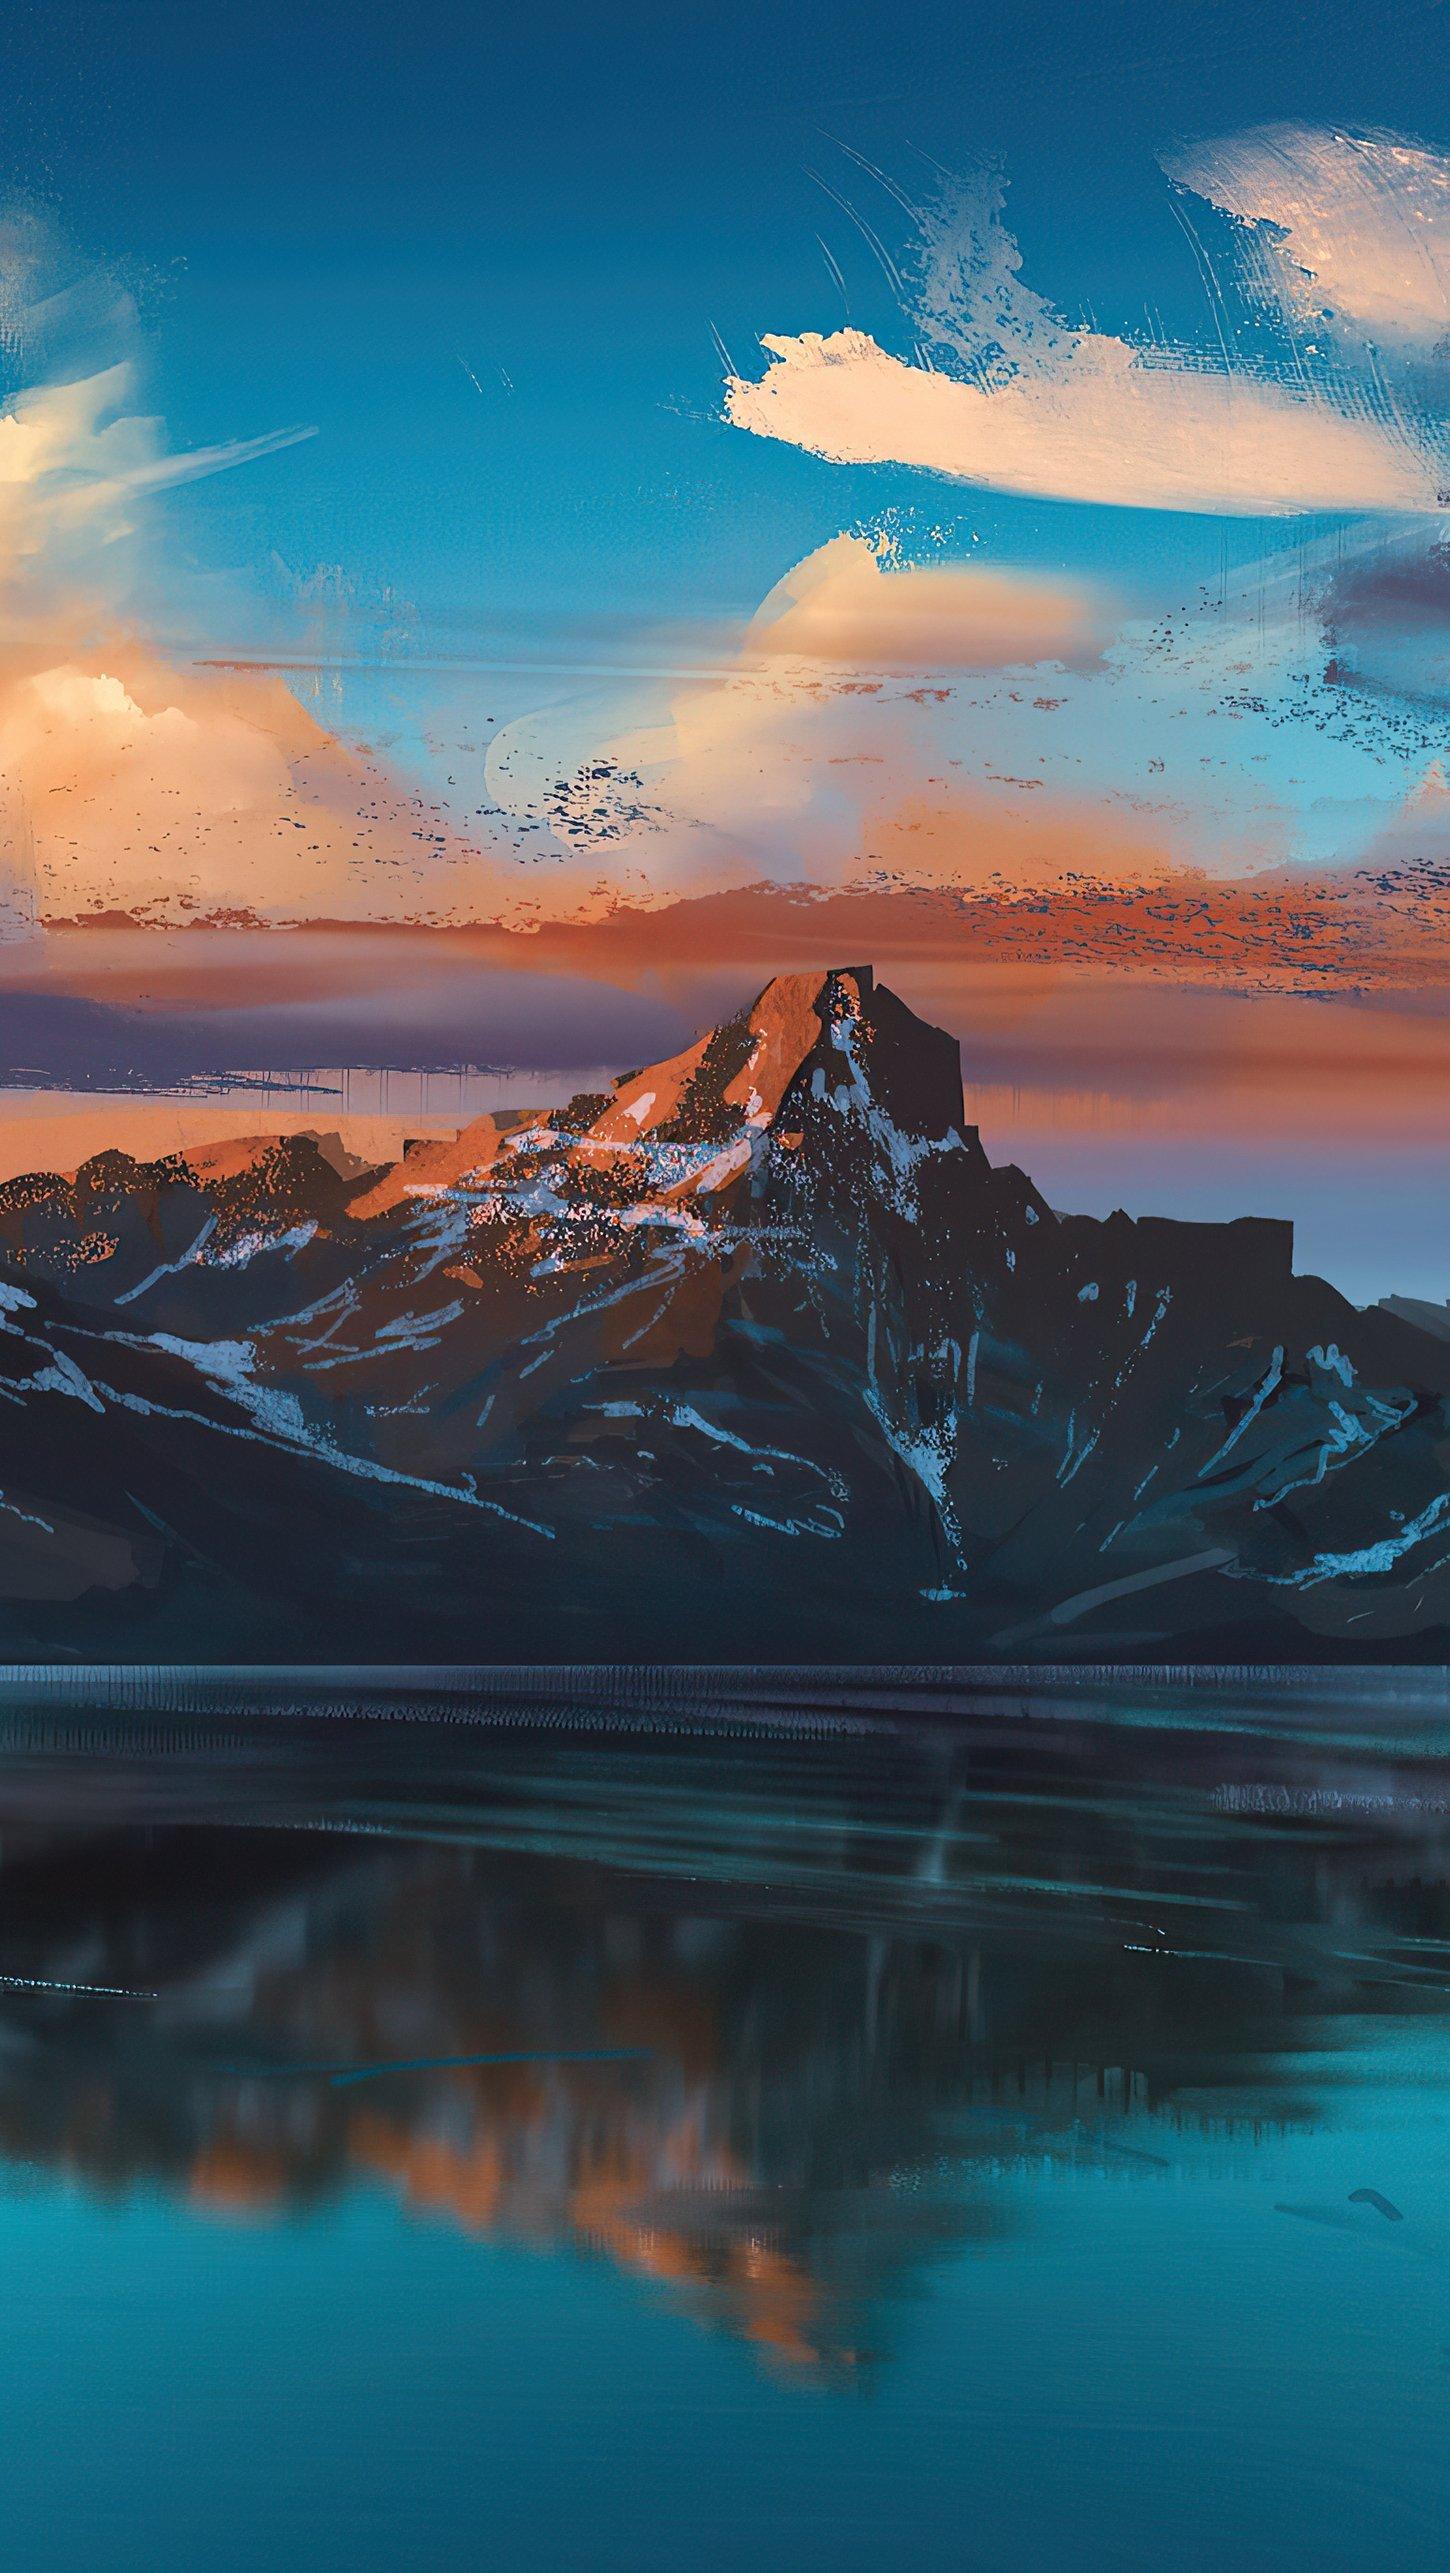 Fondos de pantalla Ilustración de Montaña en lago al amanecer Vertical